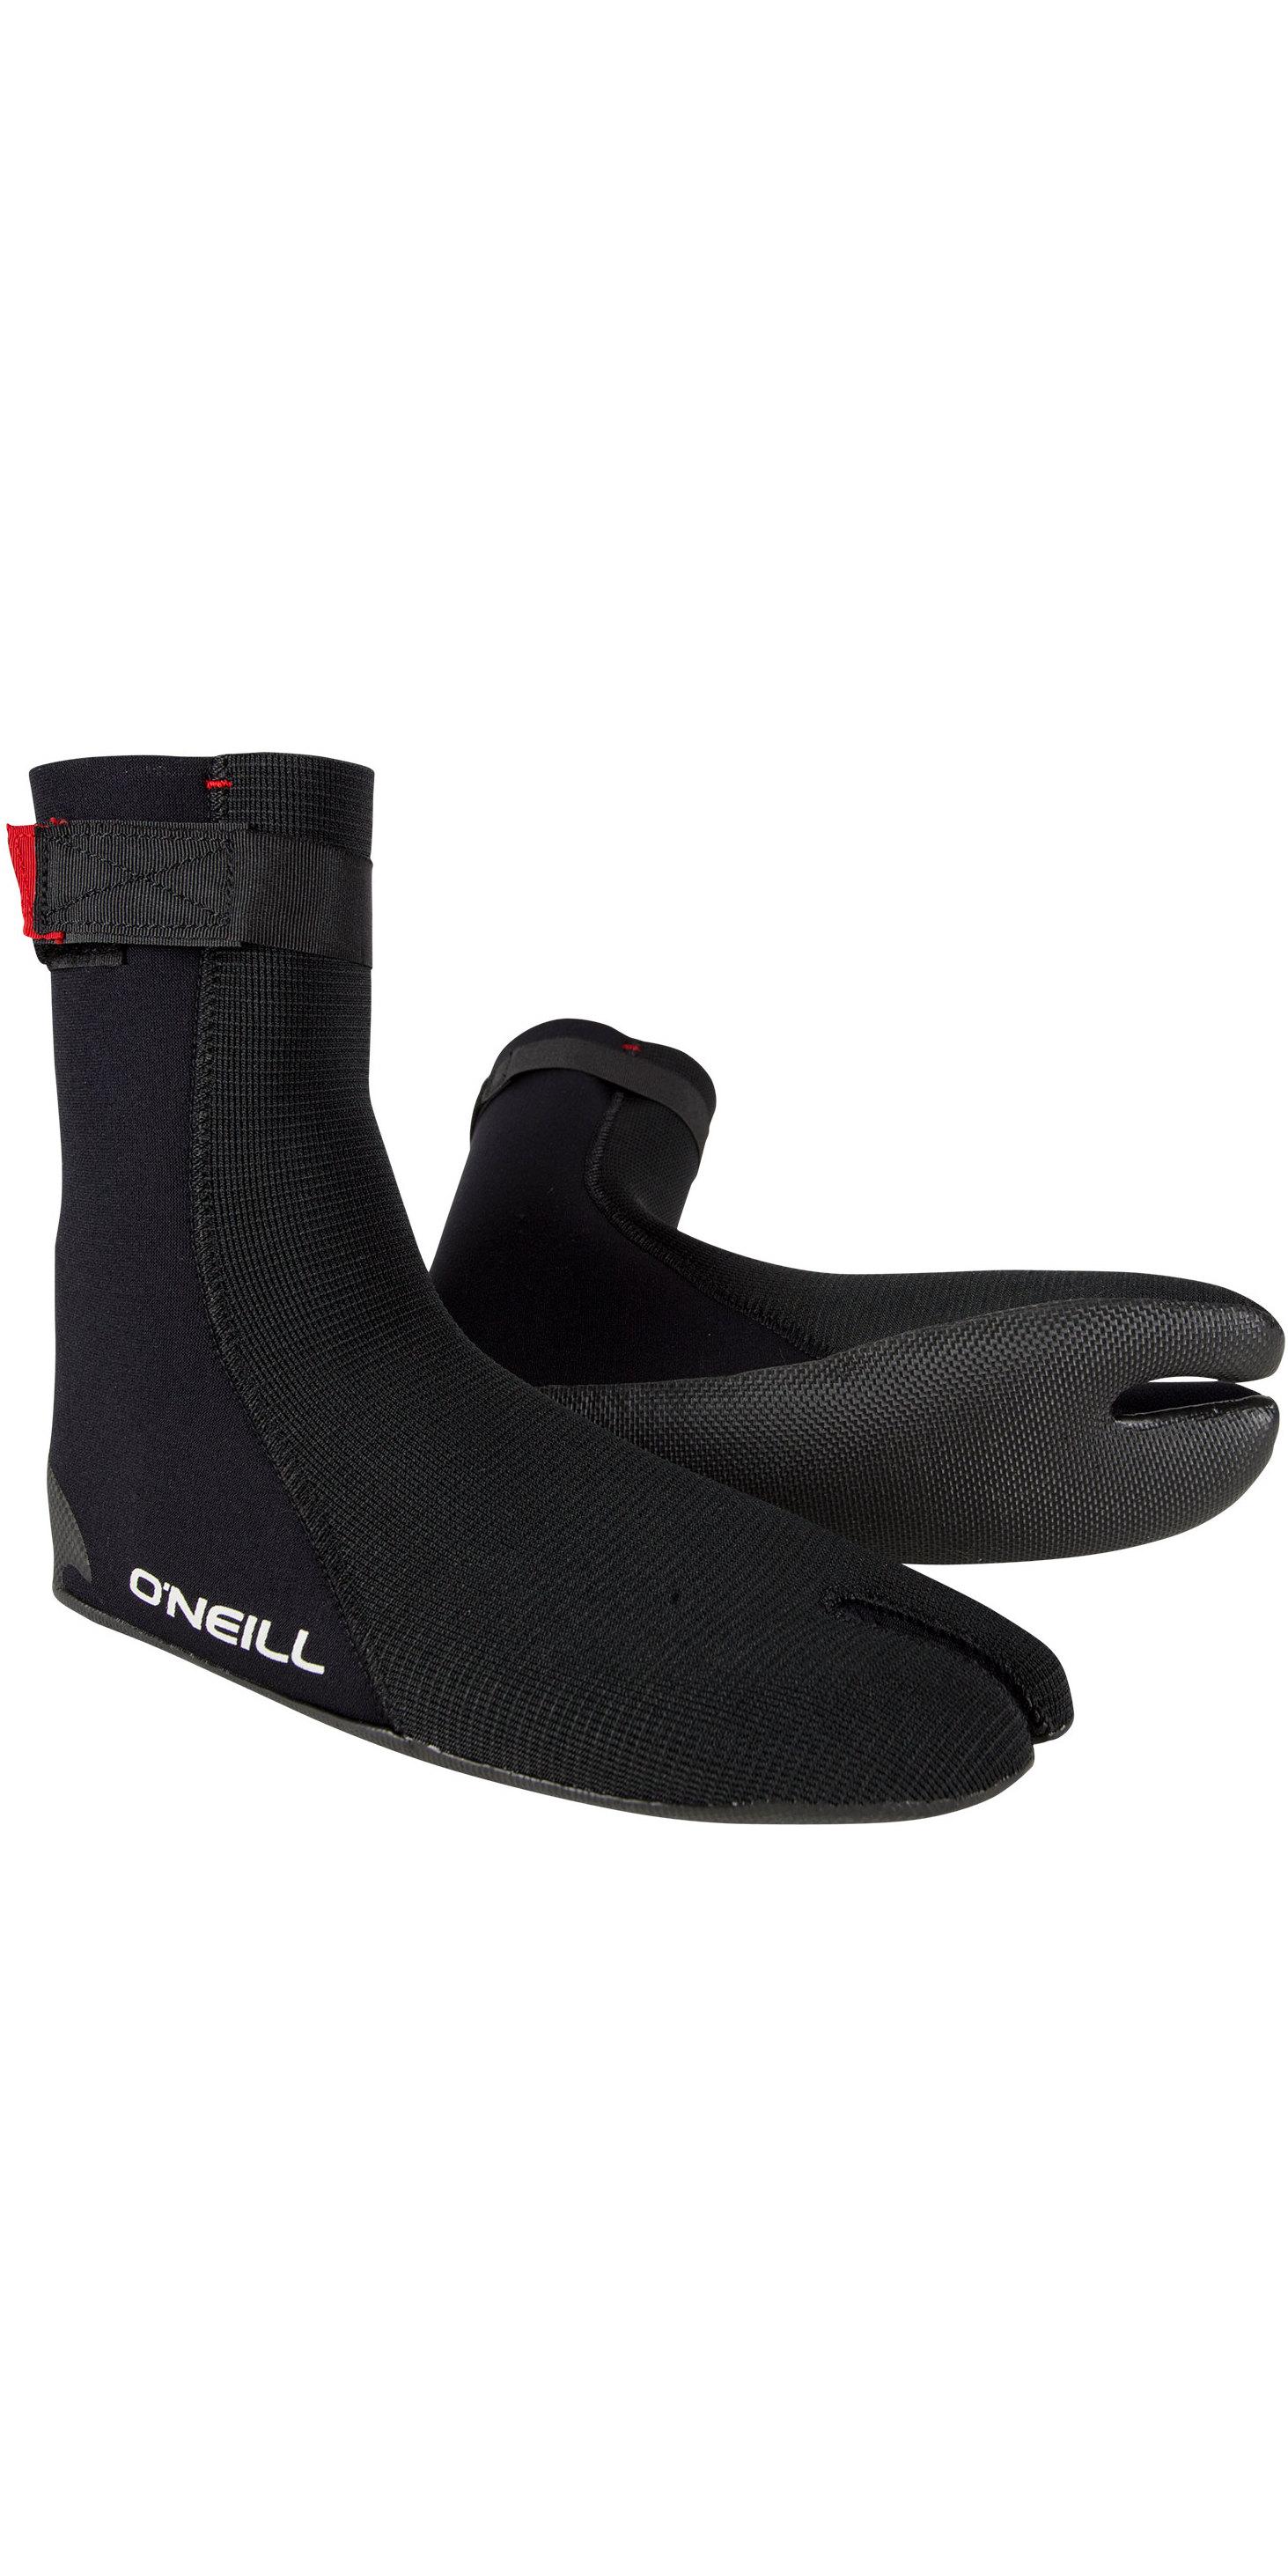 2019 O'Neill Heat Ninja 3mm Split Toe Boot Black 4786